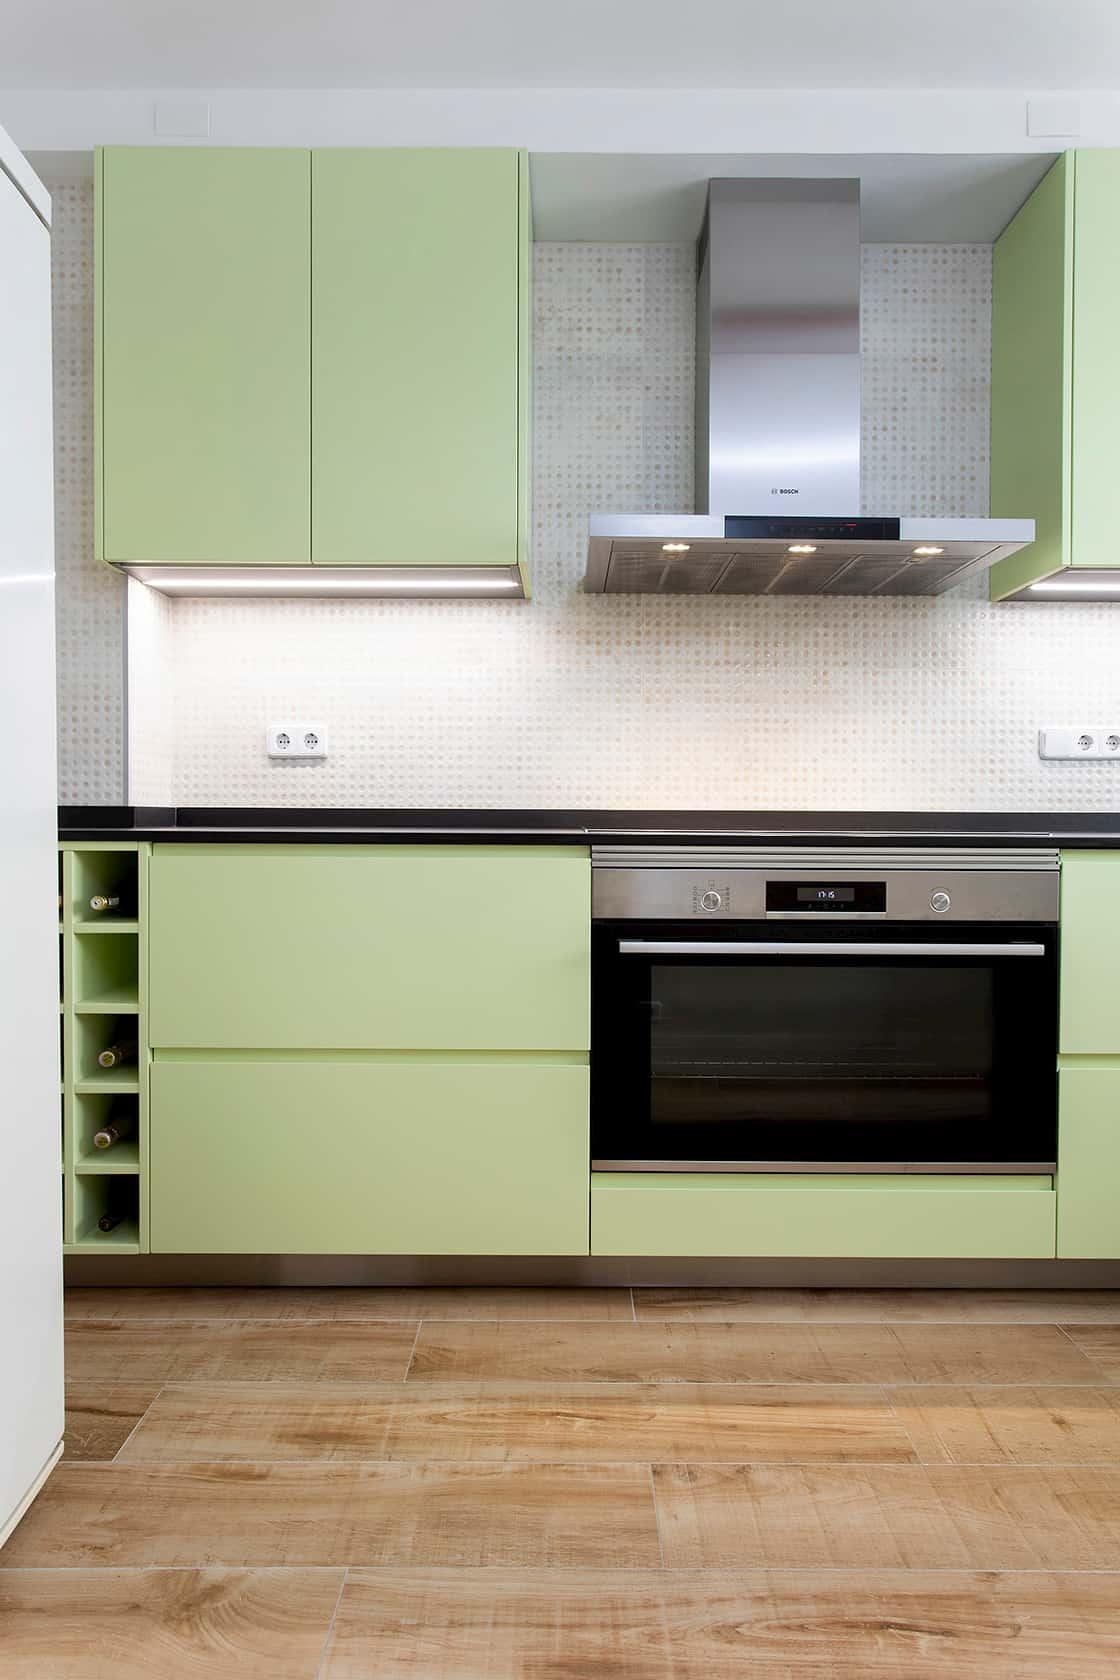 Encimera y muebles de cocina verdes